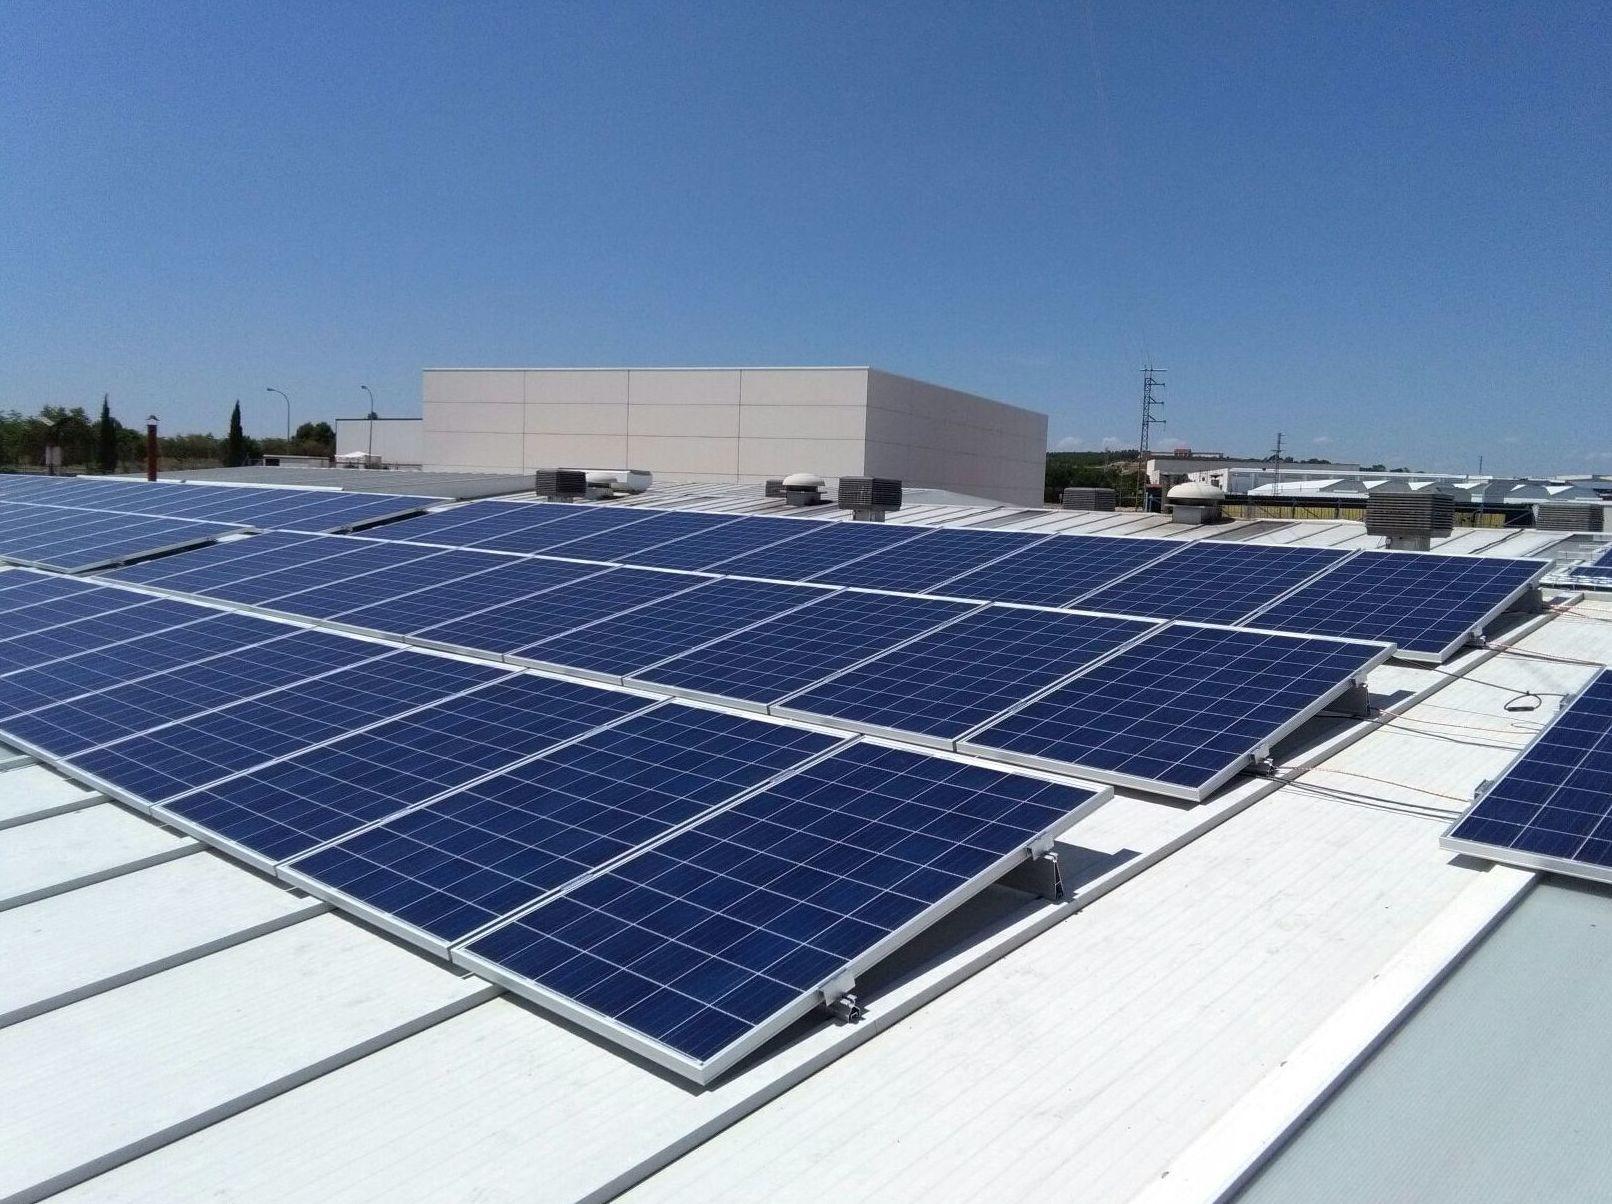 Adjudicataria de la instalación fotovoltaica para el C.P. Bernat Etxepare de 20,0 kWp en Pamplona